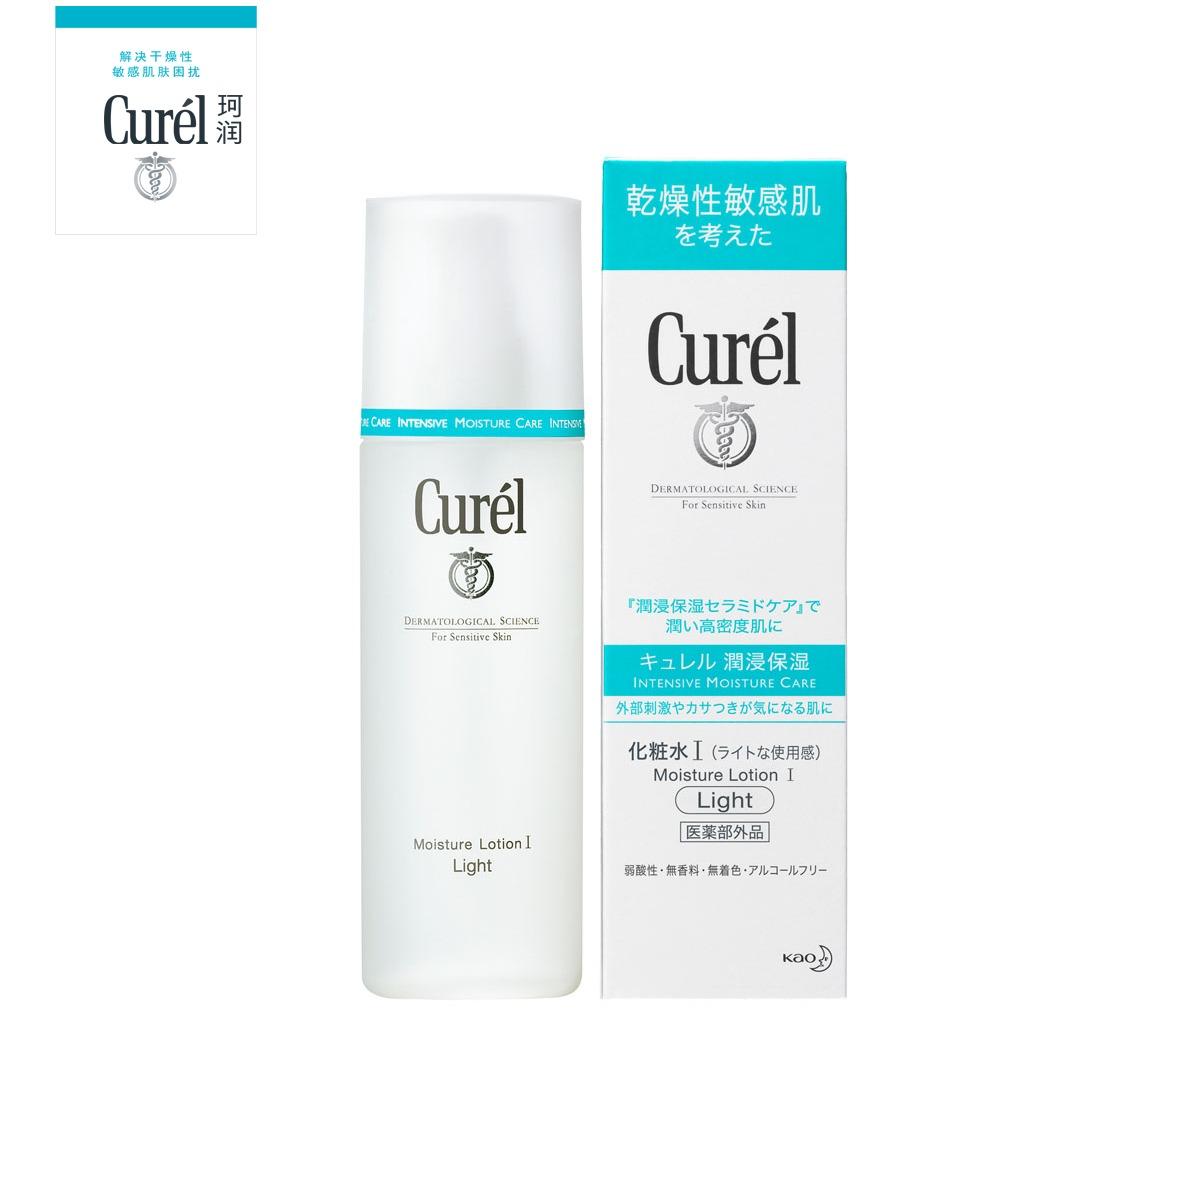 Curel/珂润 润浸保湿化妆水I怎么样